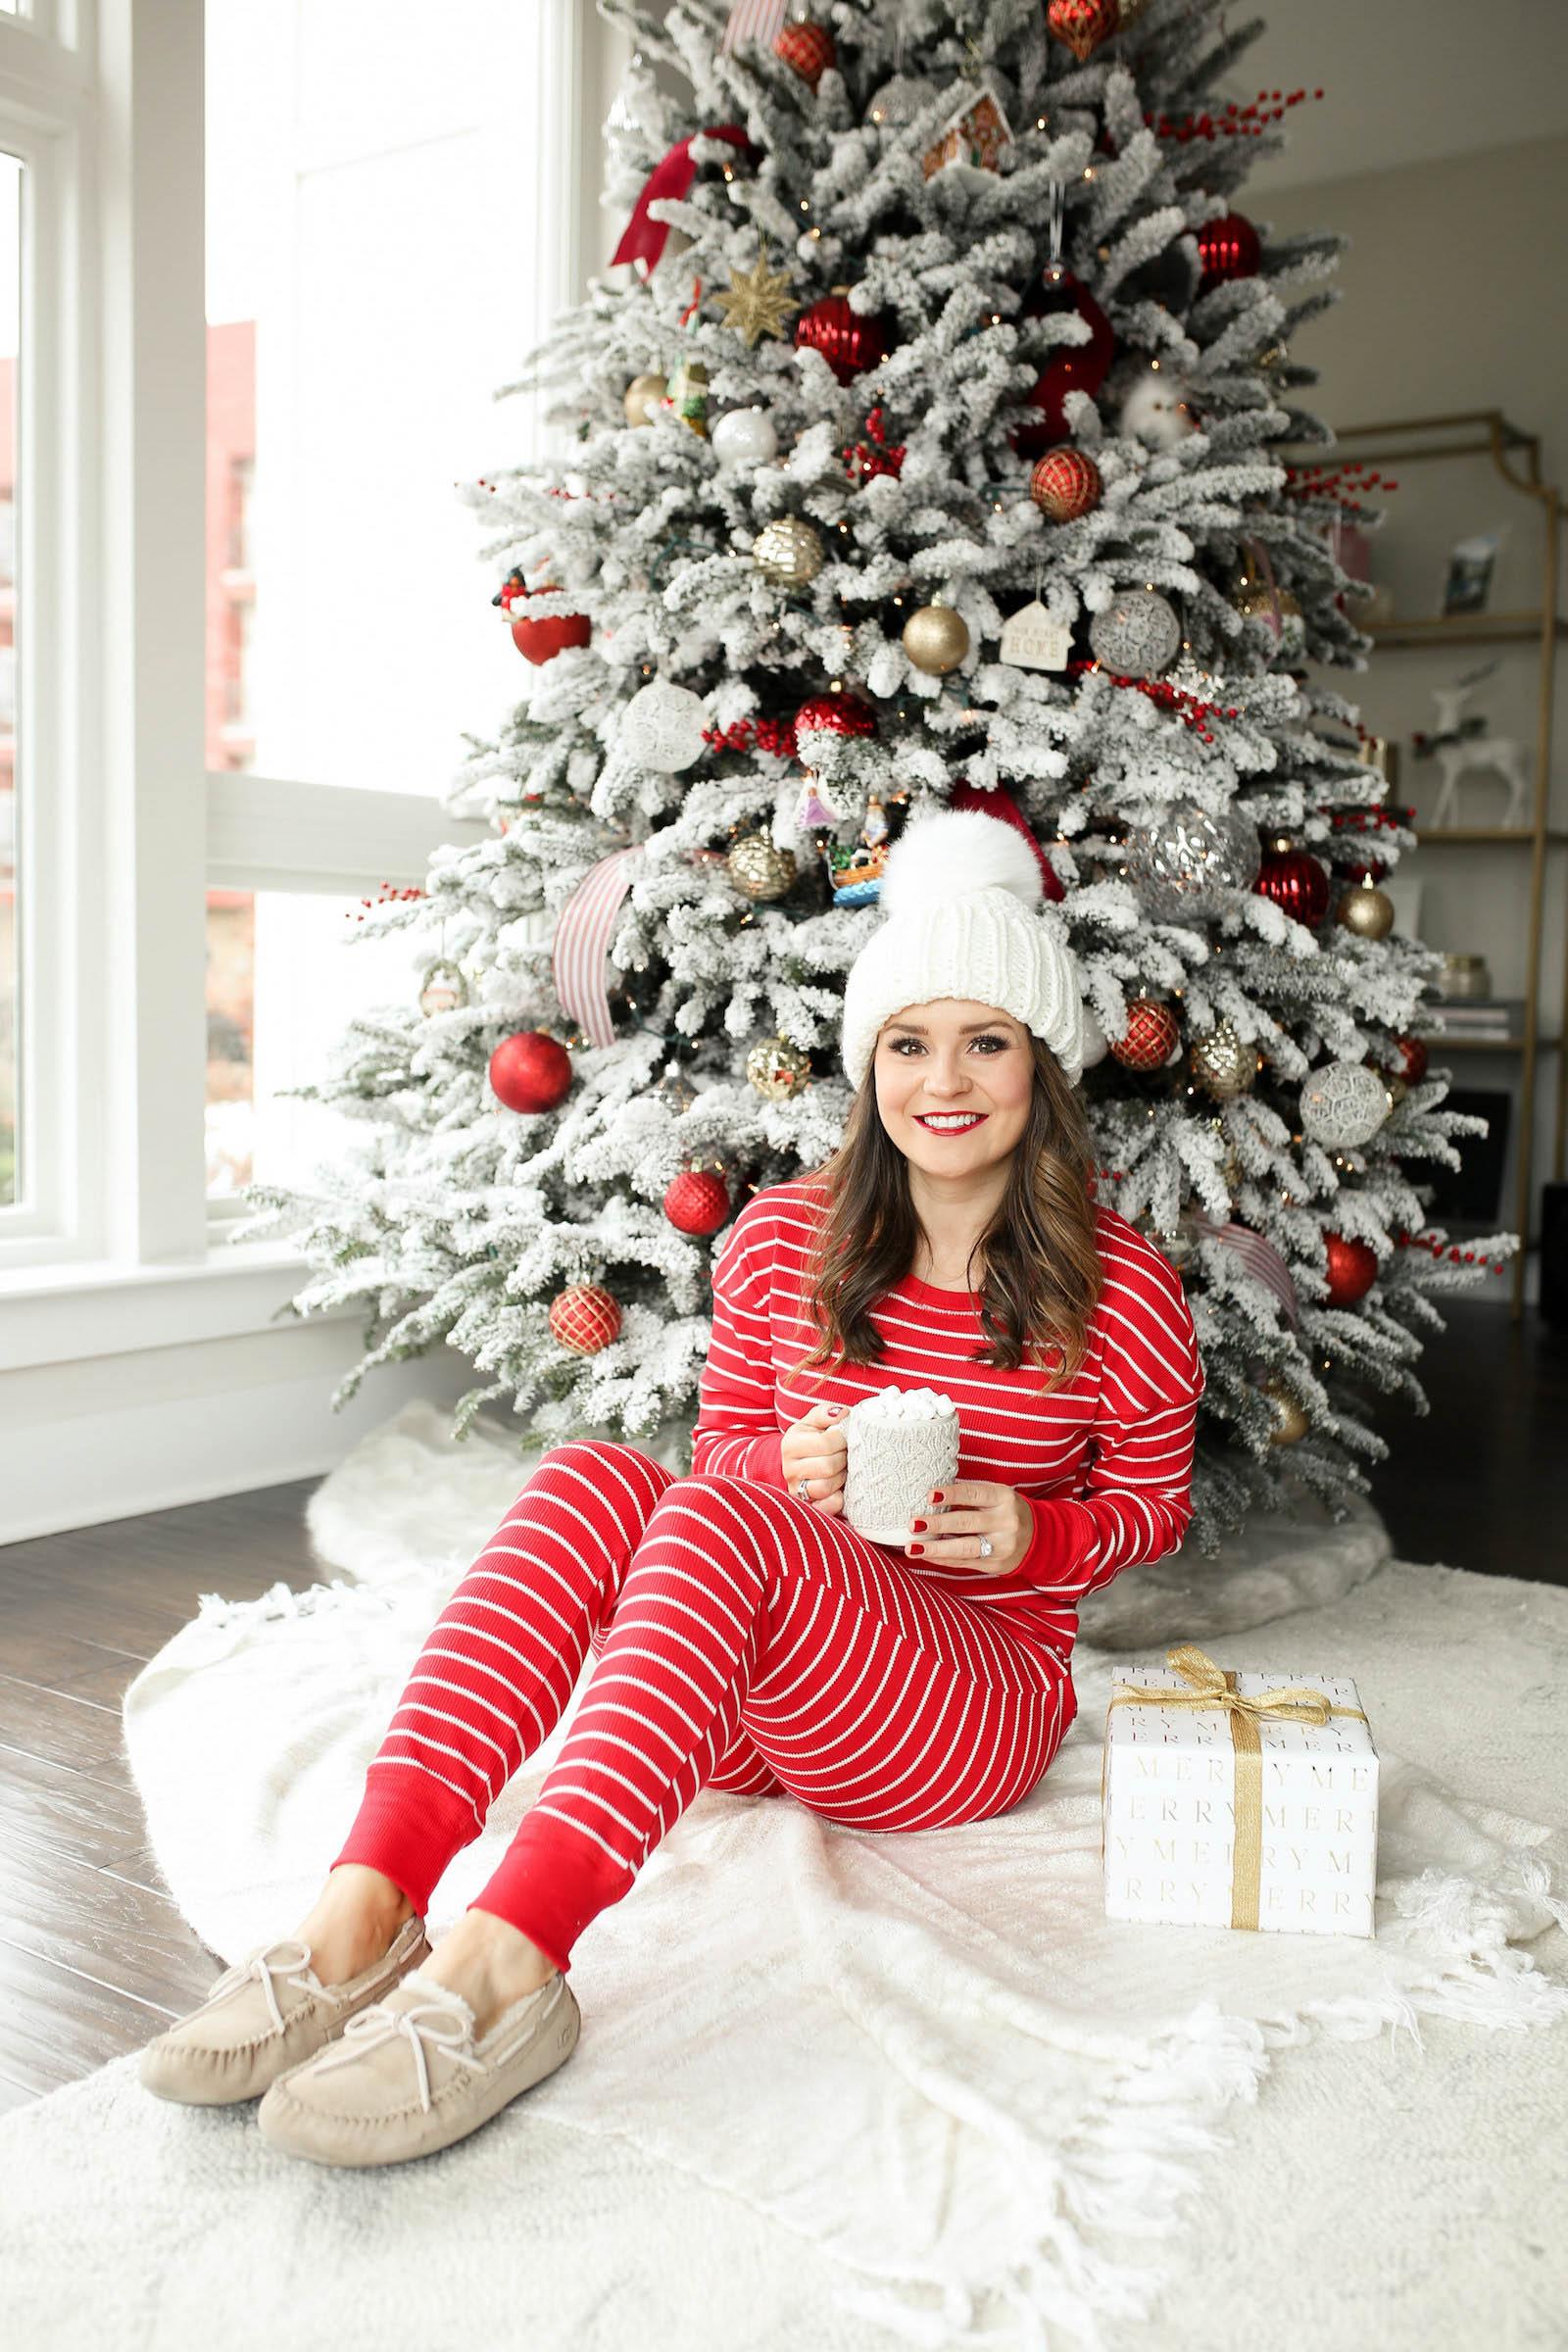 red Christmas pajamas